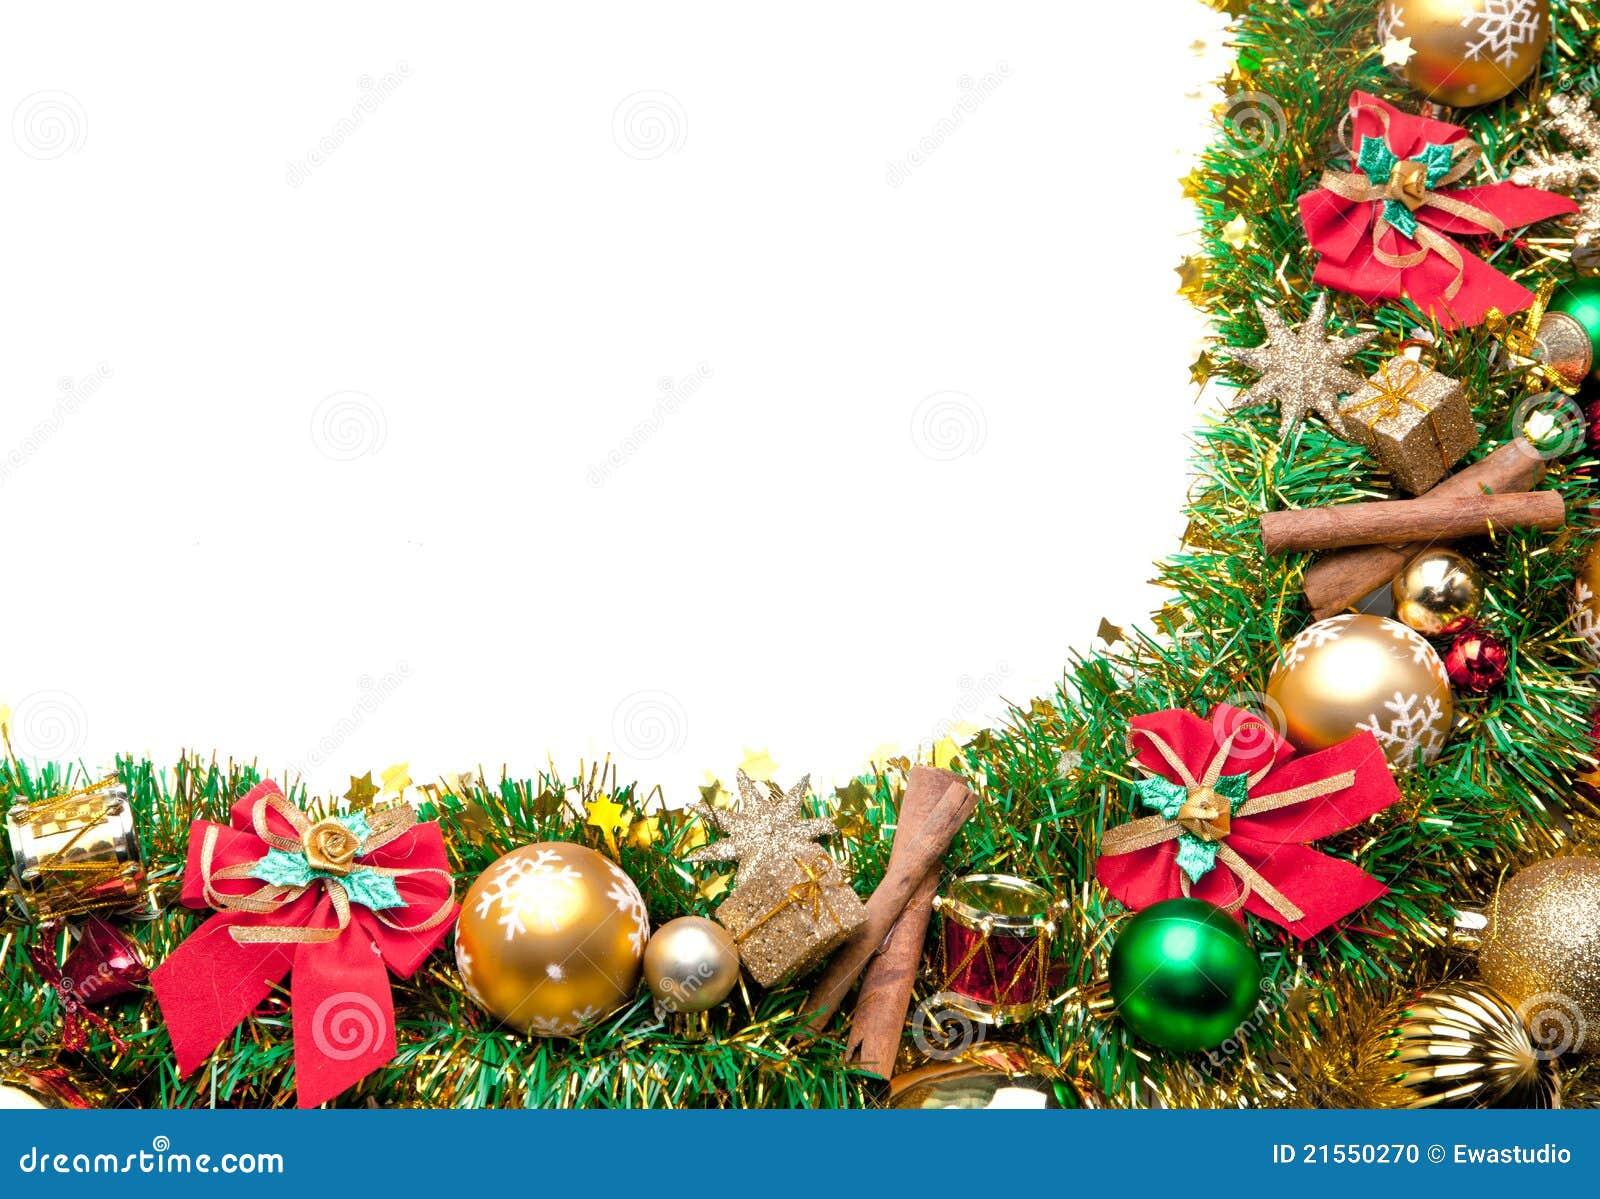 Priorità bassa festiva di natale decoration.card